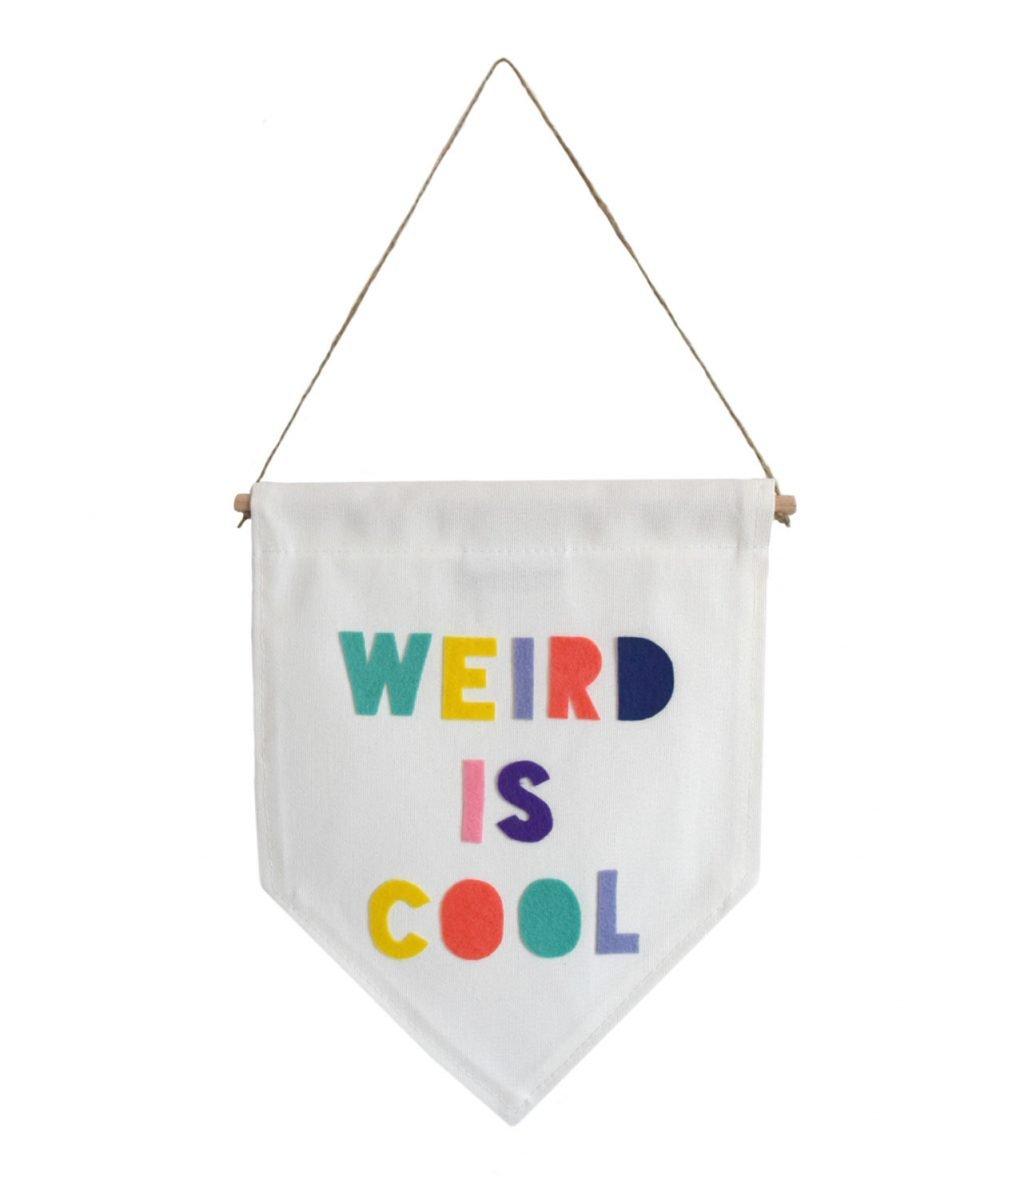 Weird is cool flag